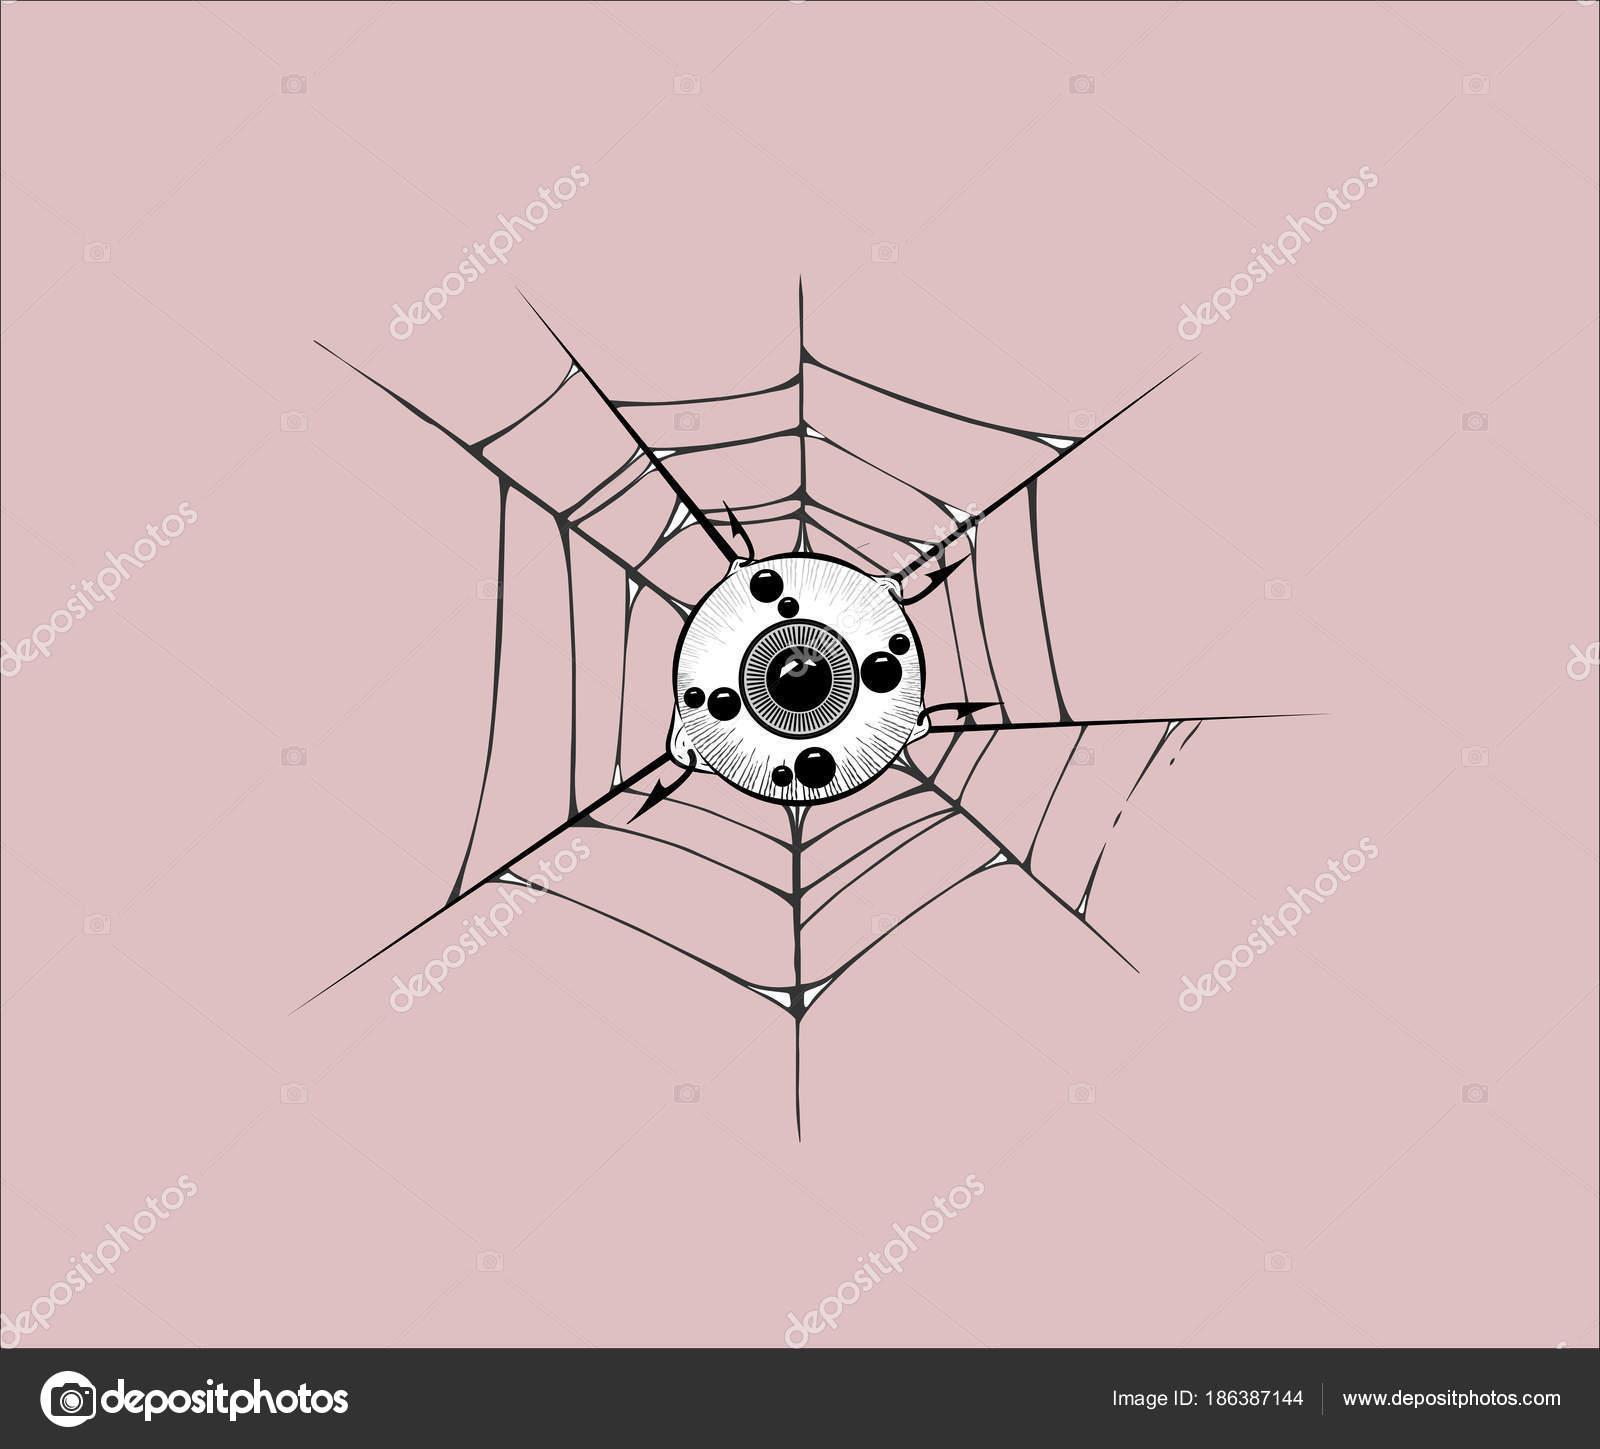 globo ocular se adjunta a la tela de araña y púas del gancho. vector ...